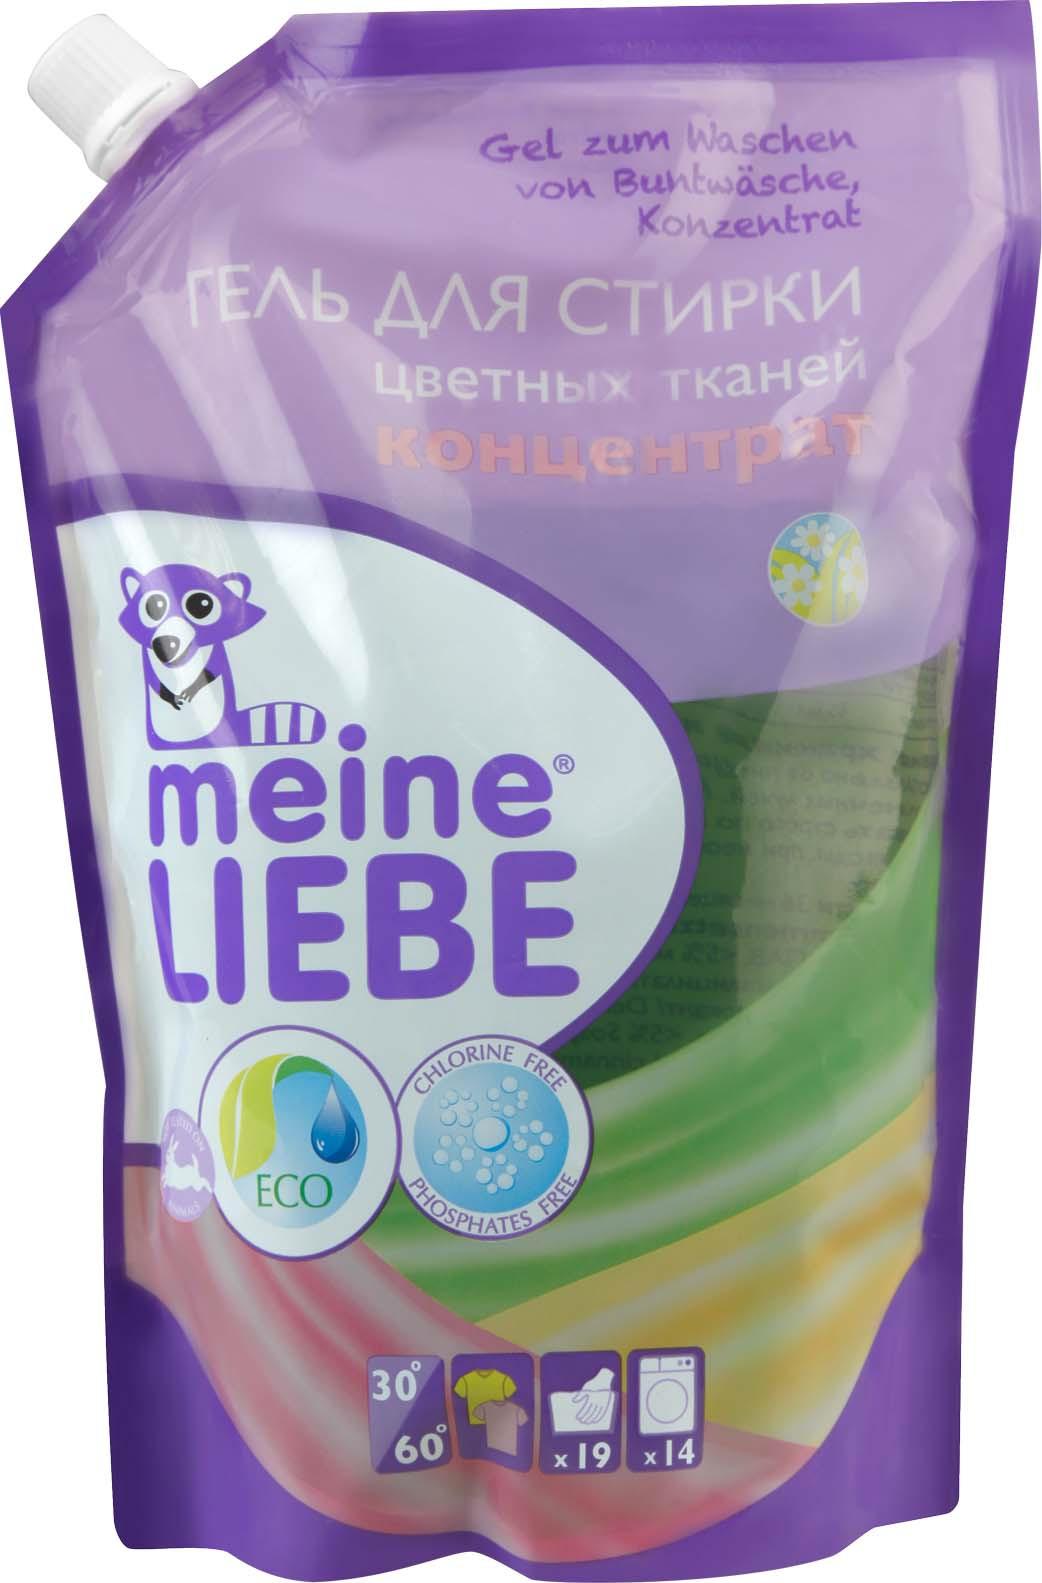 Гель для стирки Meine Liebe, концентрат, для цветного белья, 750 мл гель д стирки meine liebe 800мл д шерст шелк и деликат тка